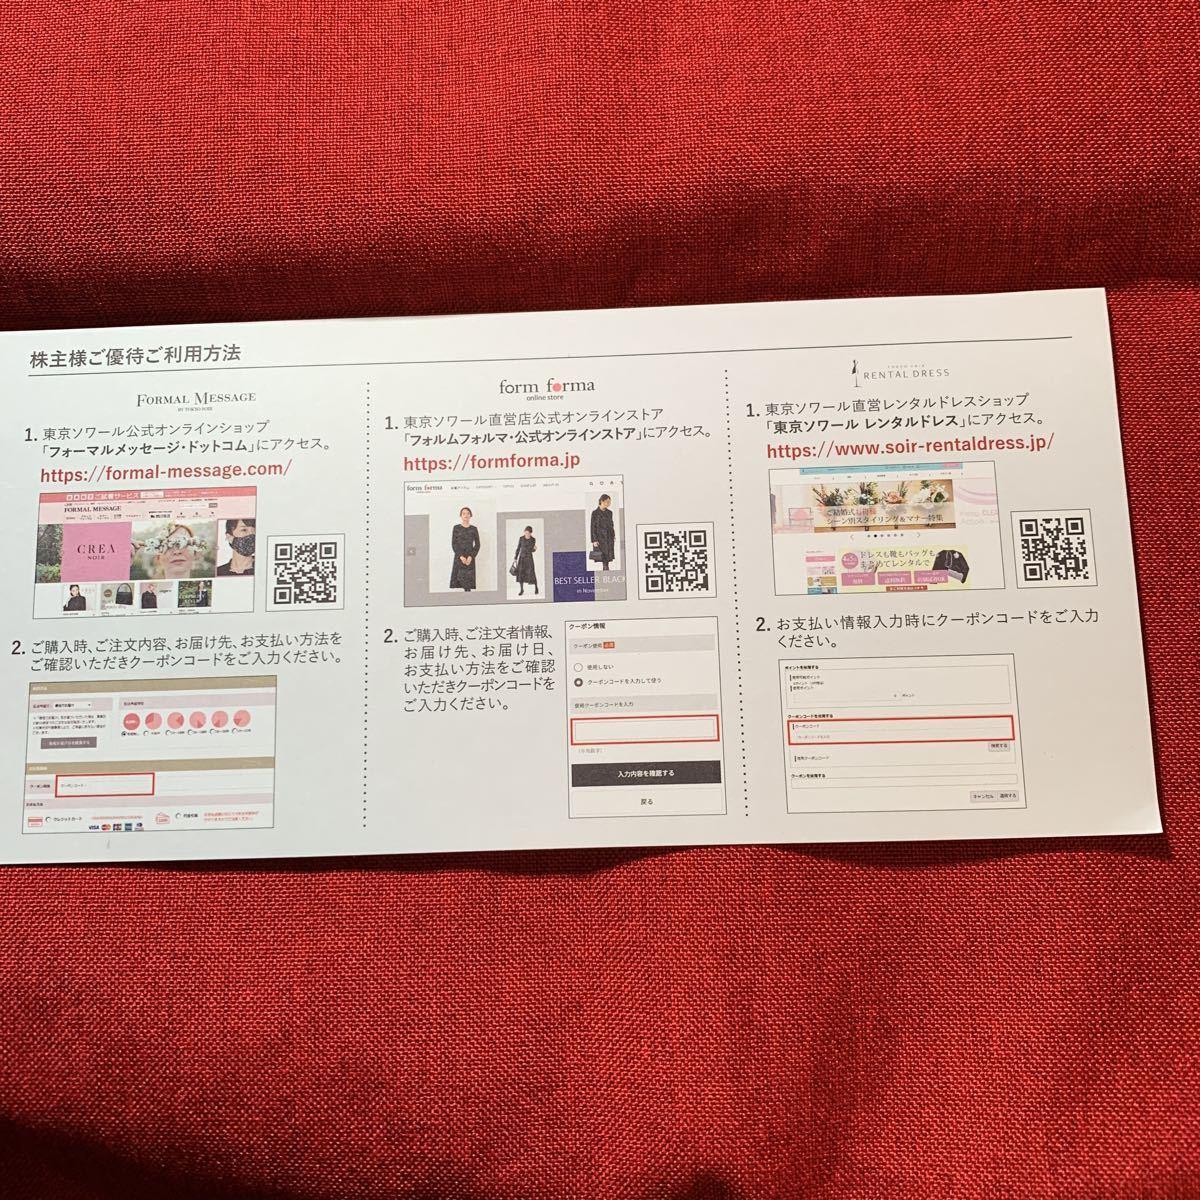 東京ソワール株主優待 公式オンラインショップ20%割引券1枚20210930 番号通知可_画像2